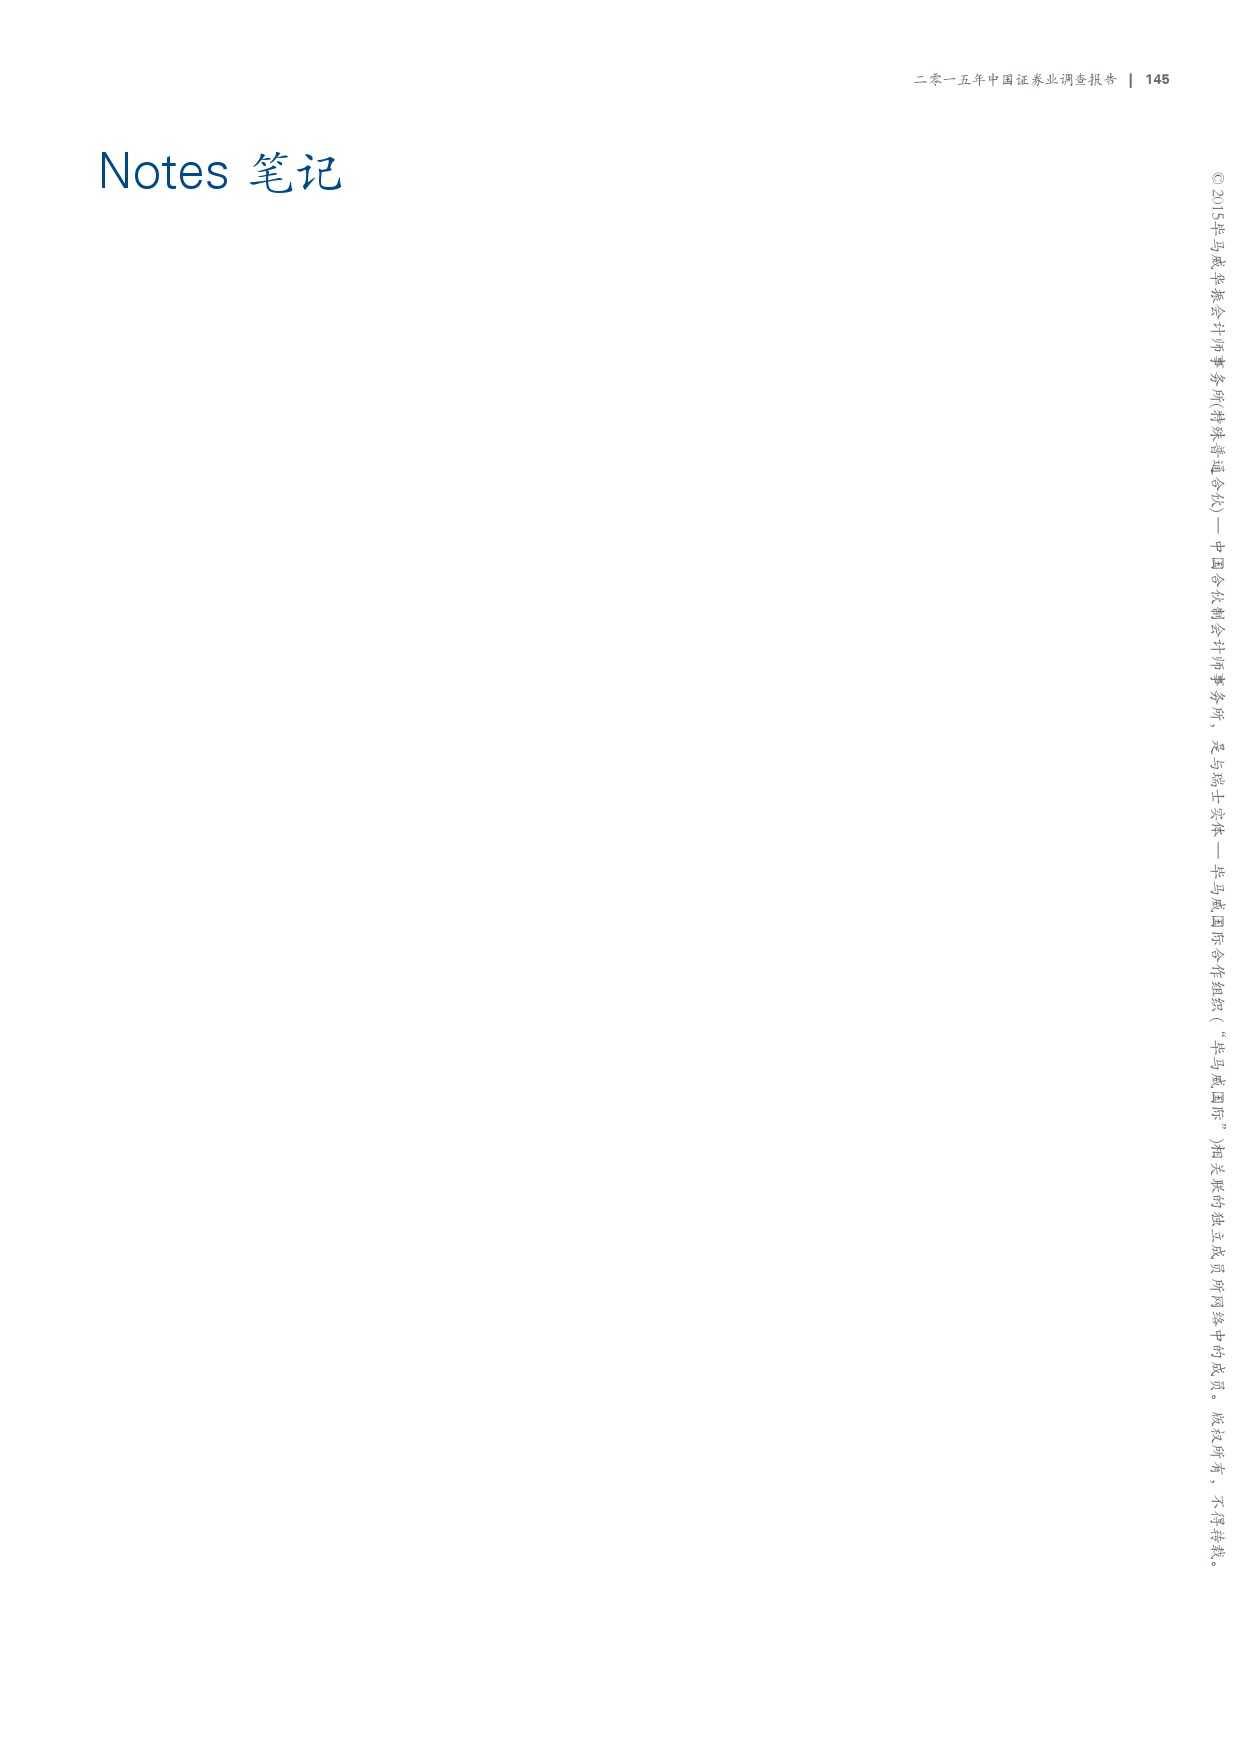 毕马威:2015年中国证券业调查报告_000147